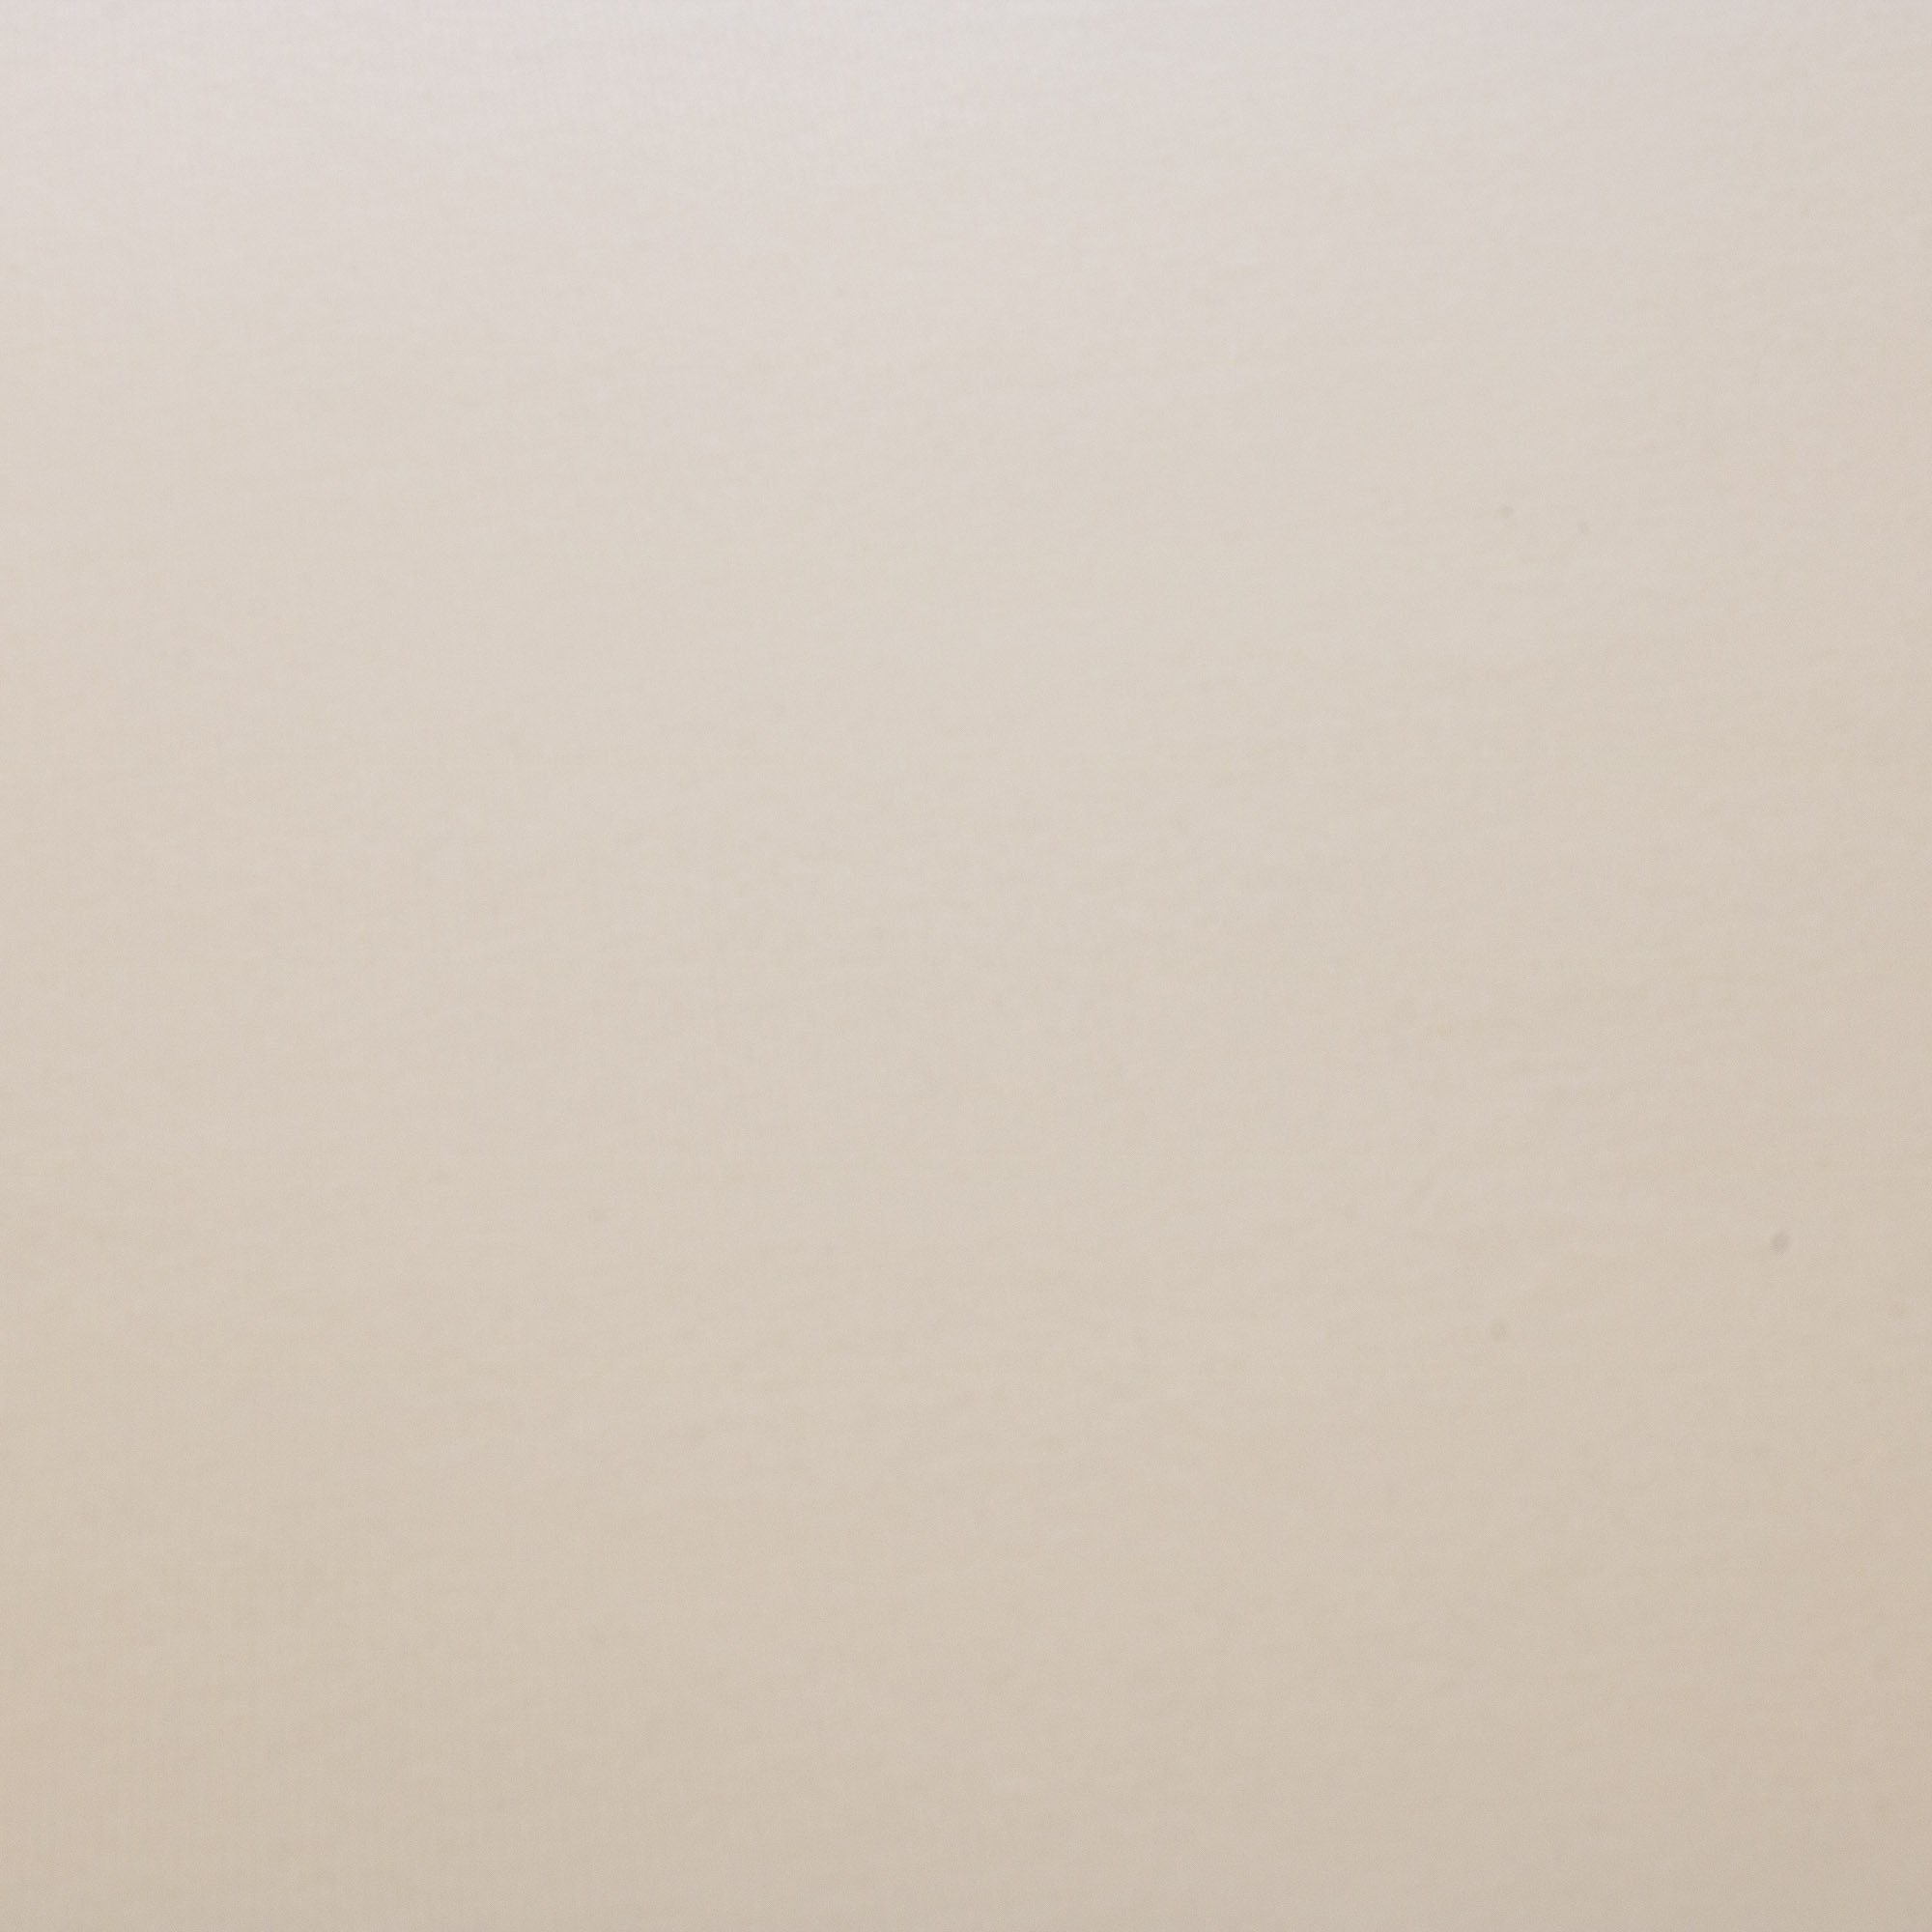 Tecido Punho 97% Algodão 3% Elastano Branco